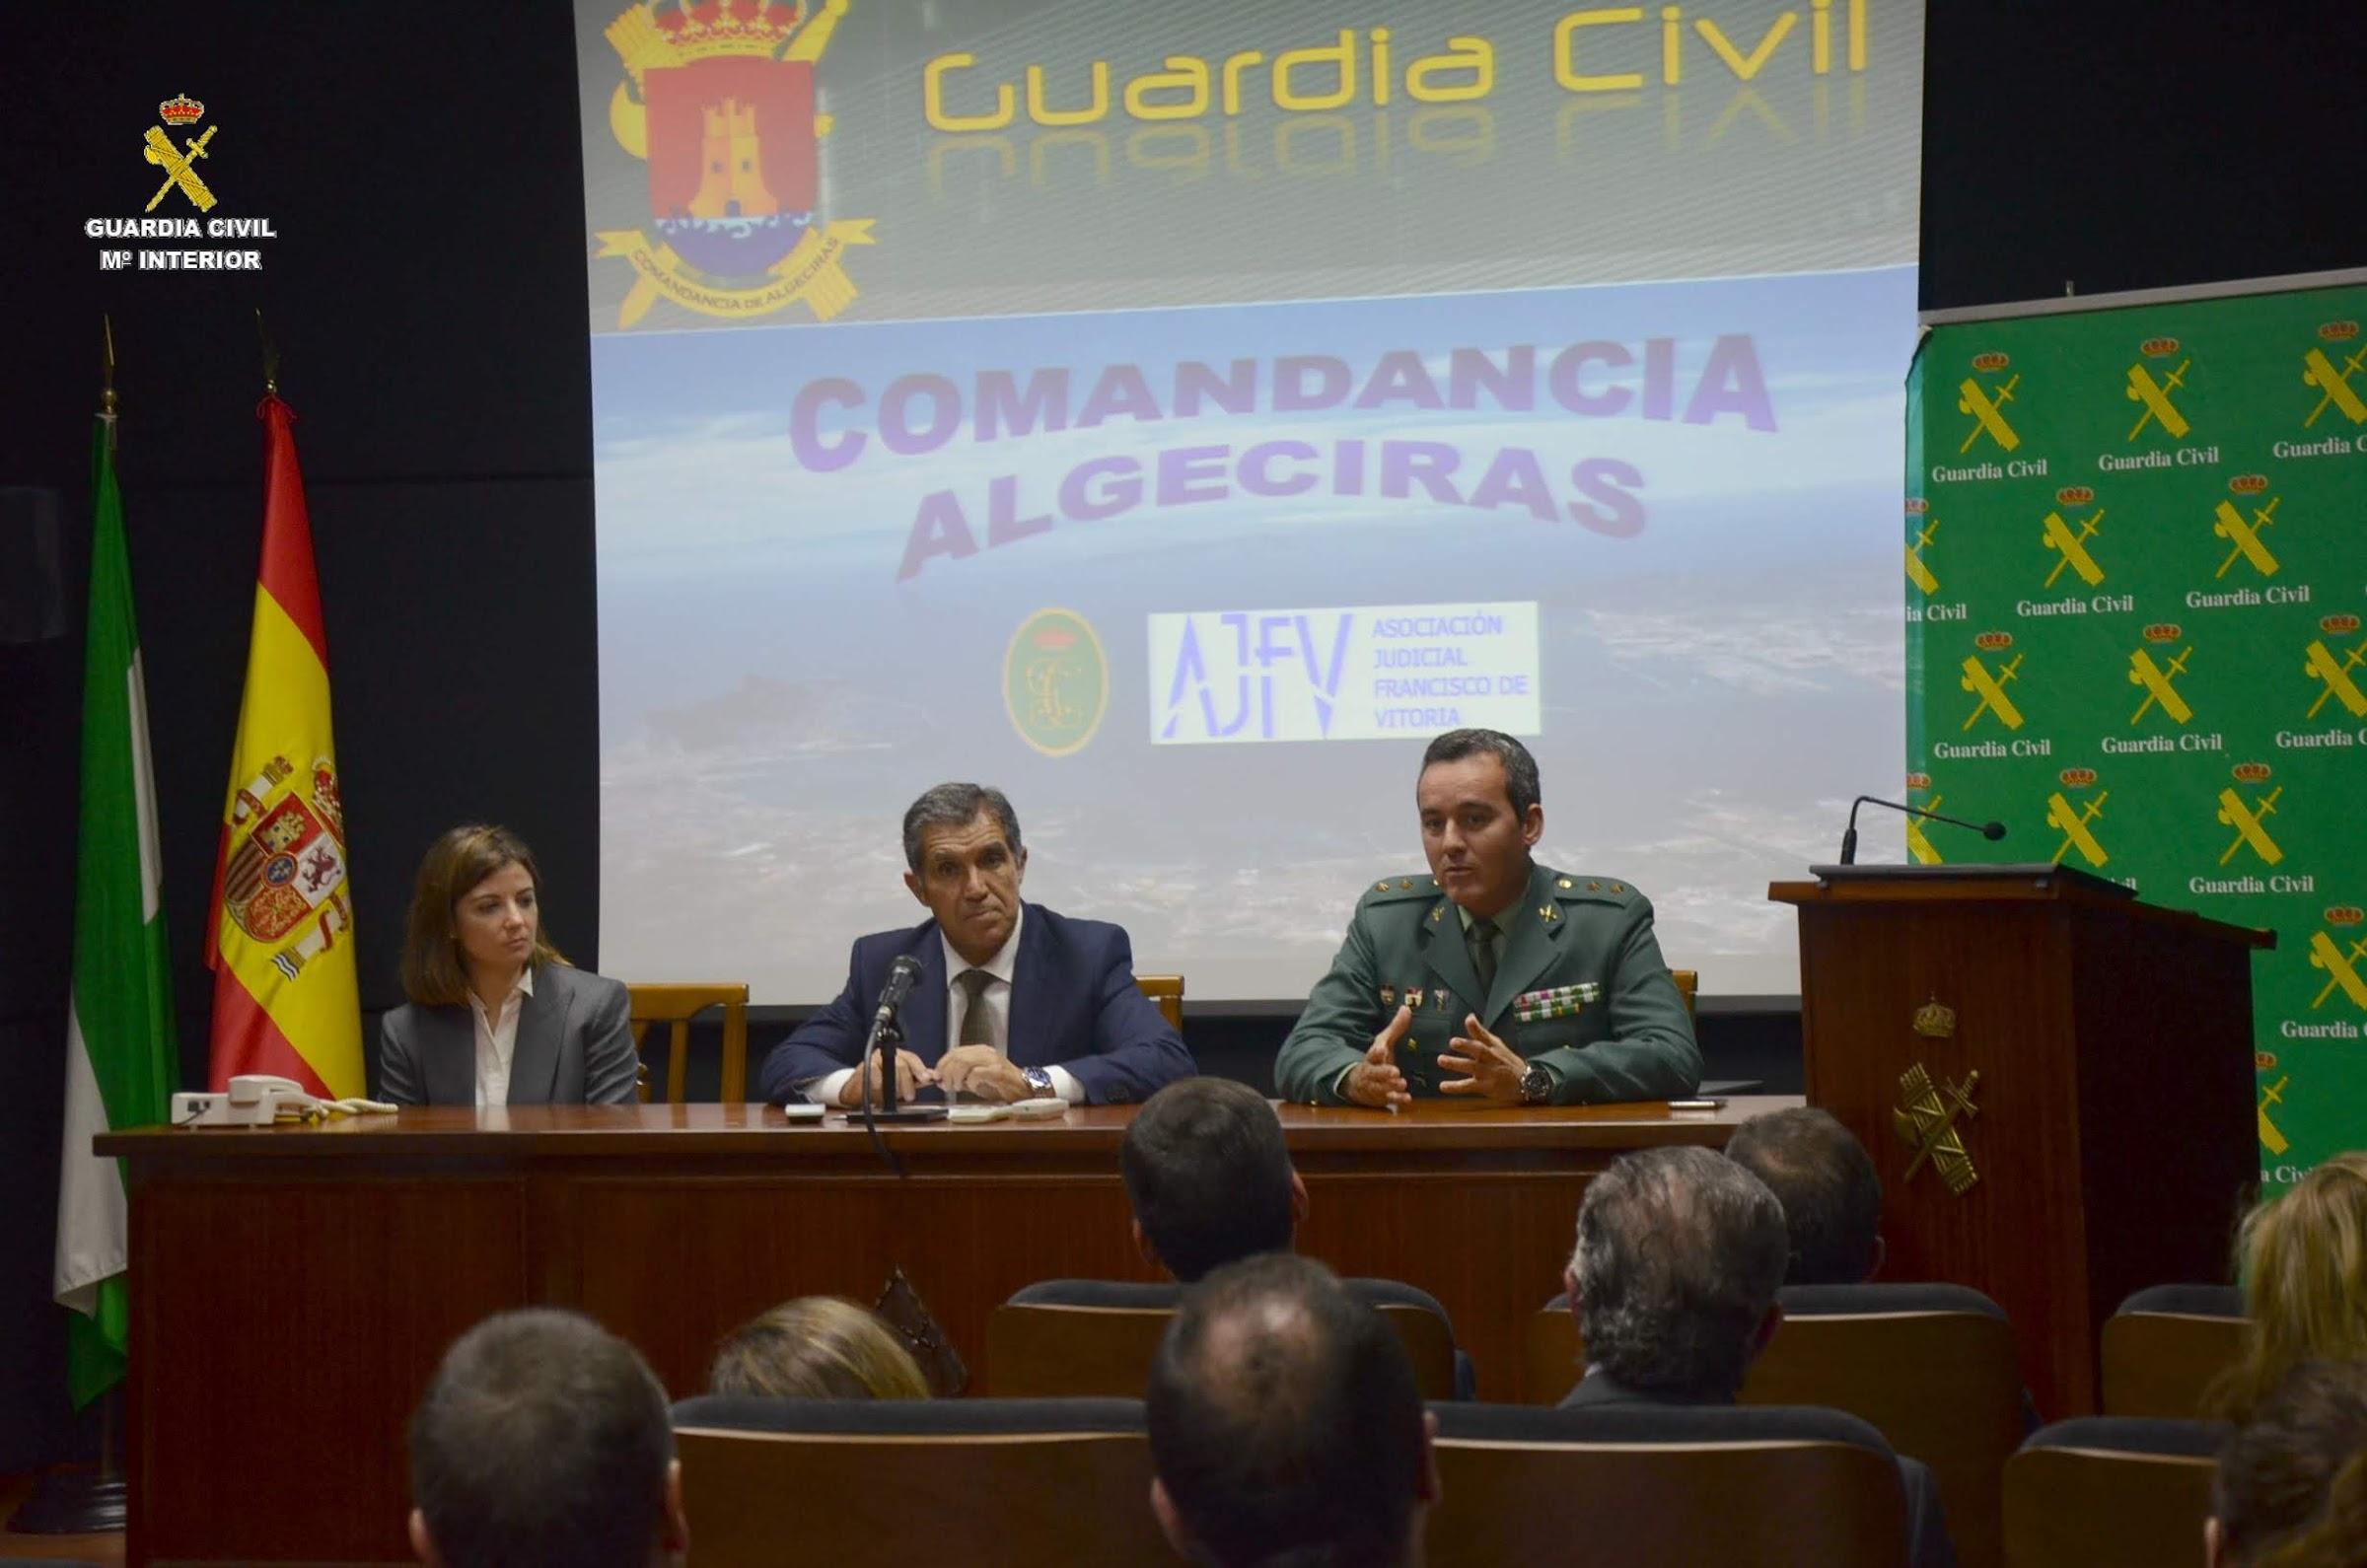 Jueces y Guardia Civil analizan el narcotráfico y el crimen organizado en el sur de España